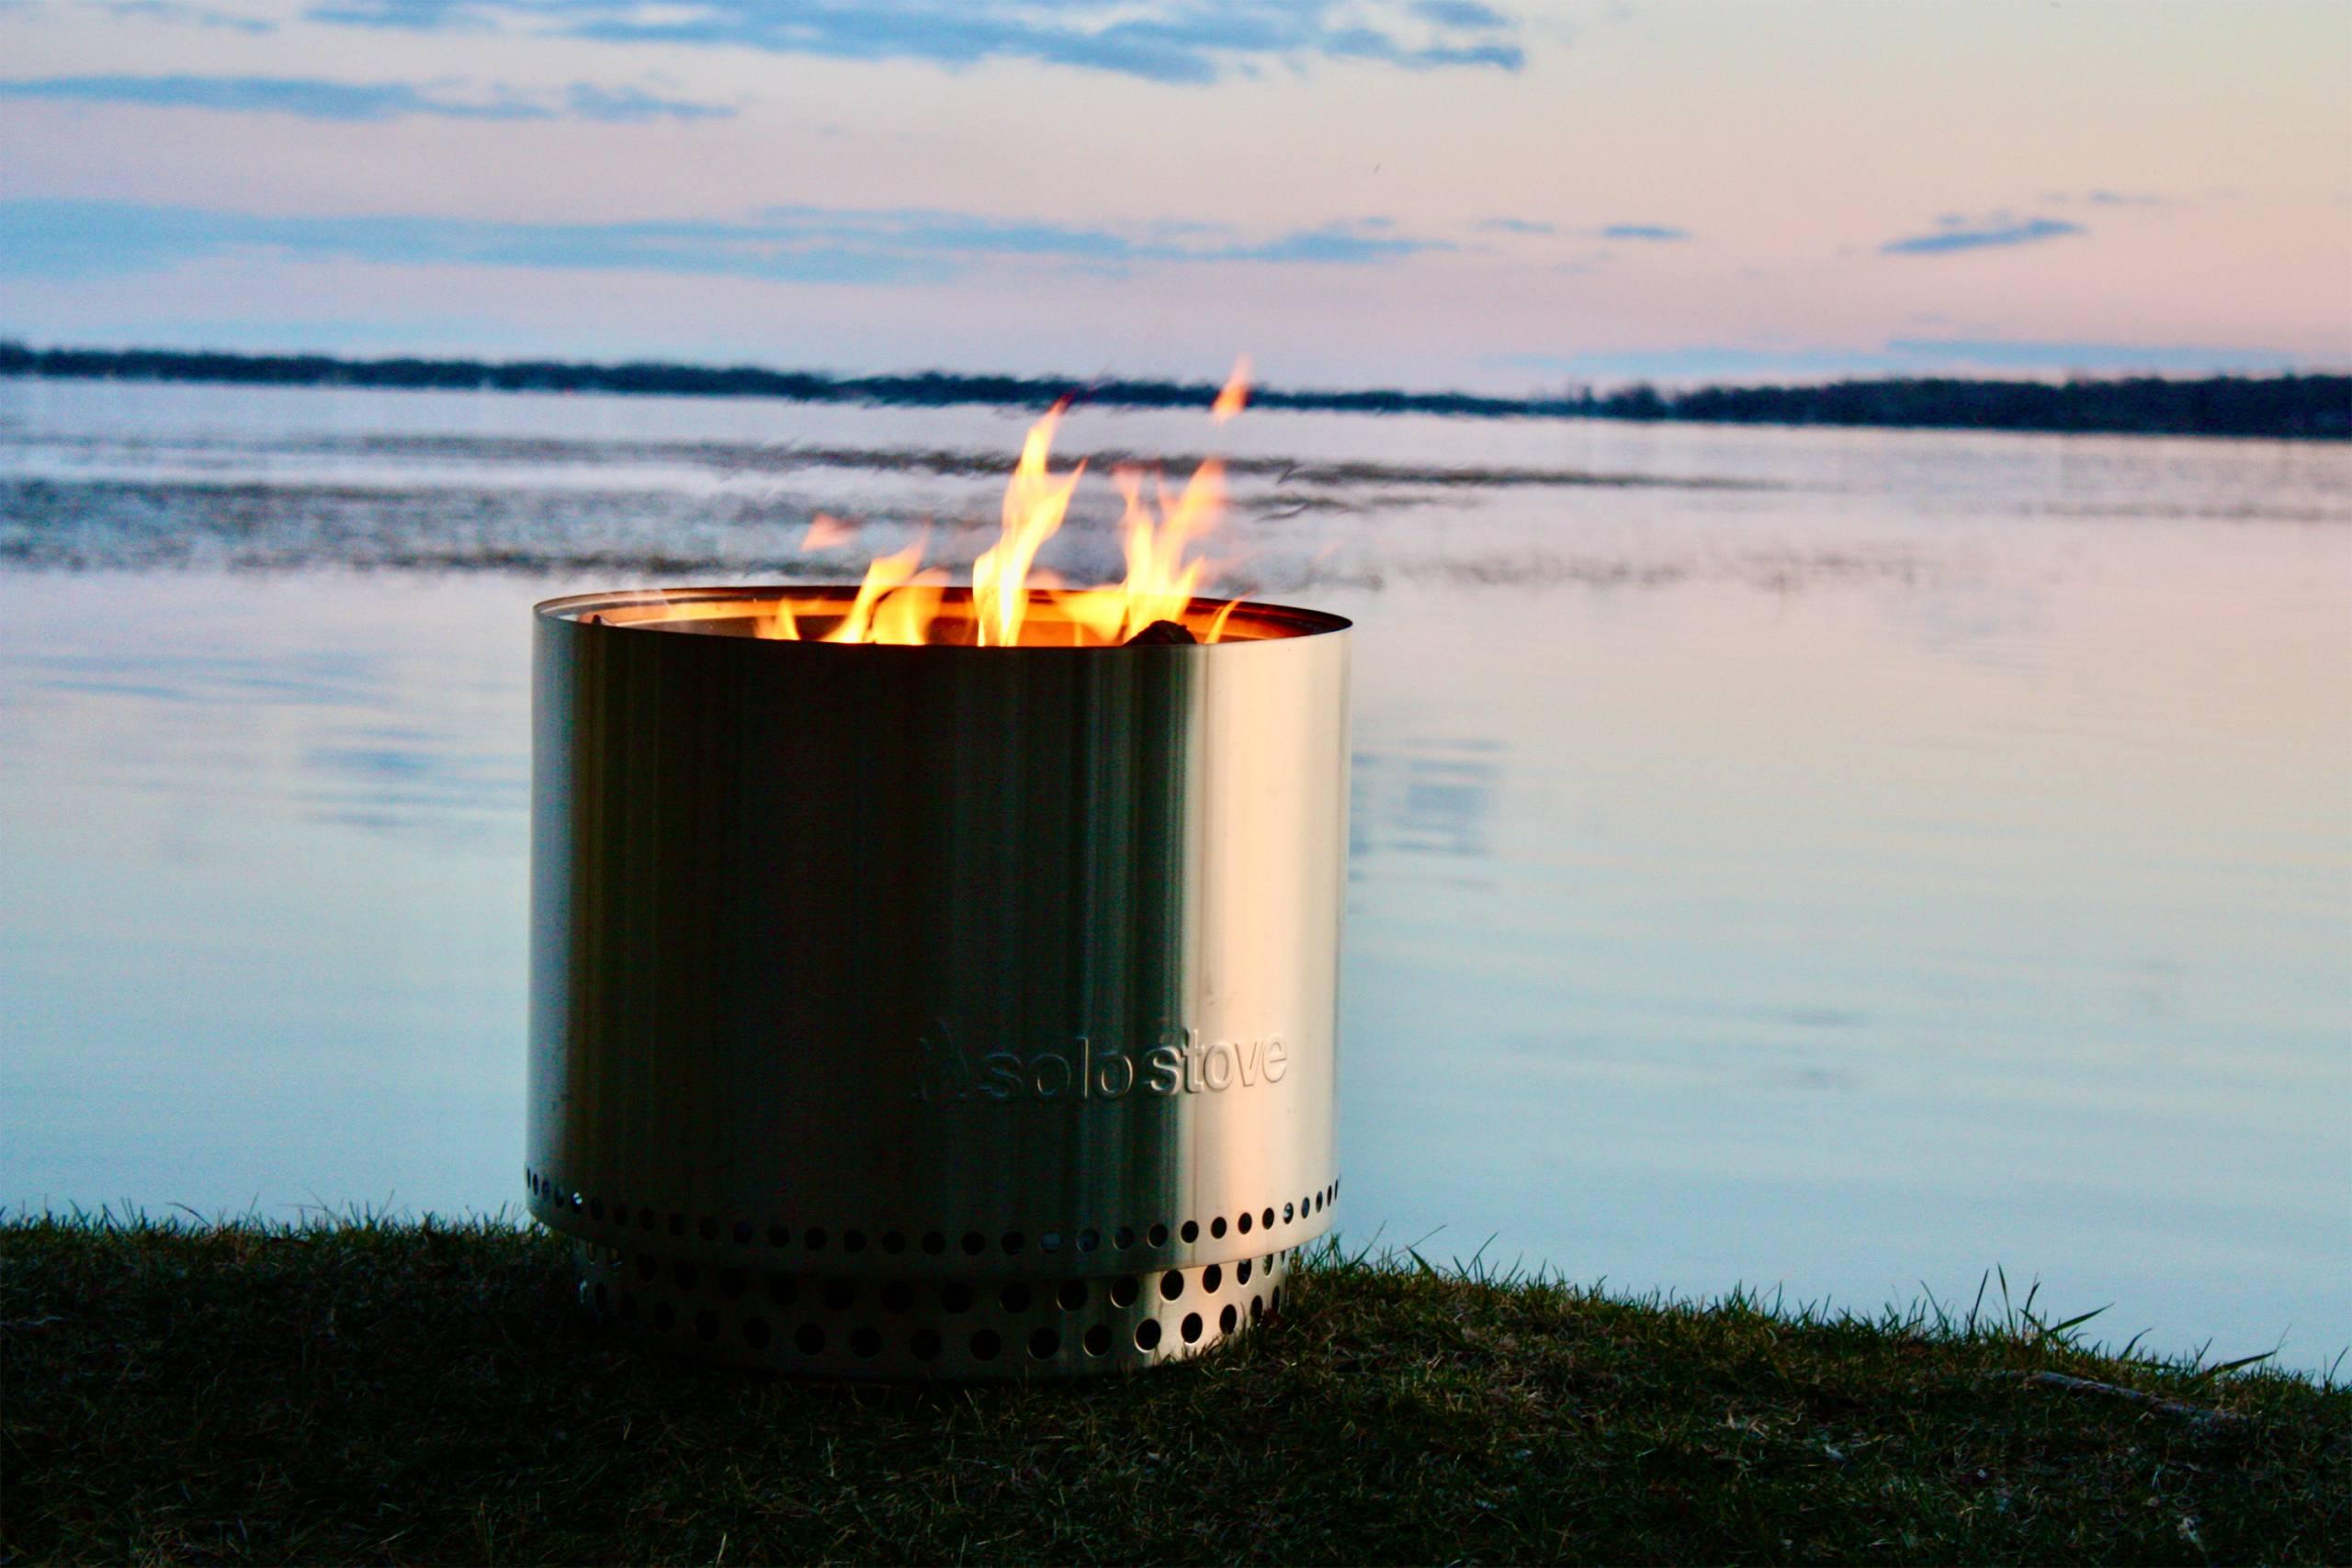 Solo oven campfire hearth